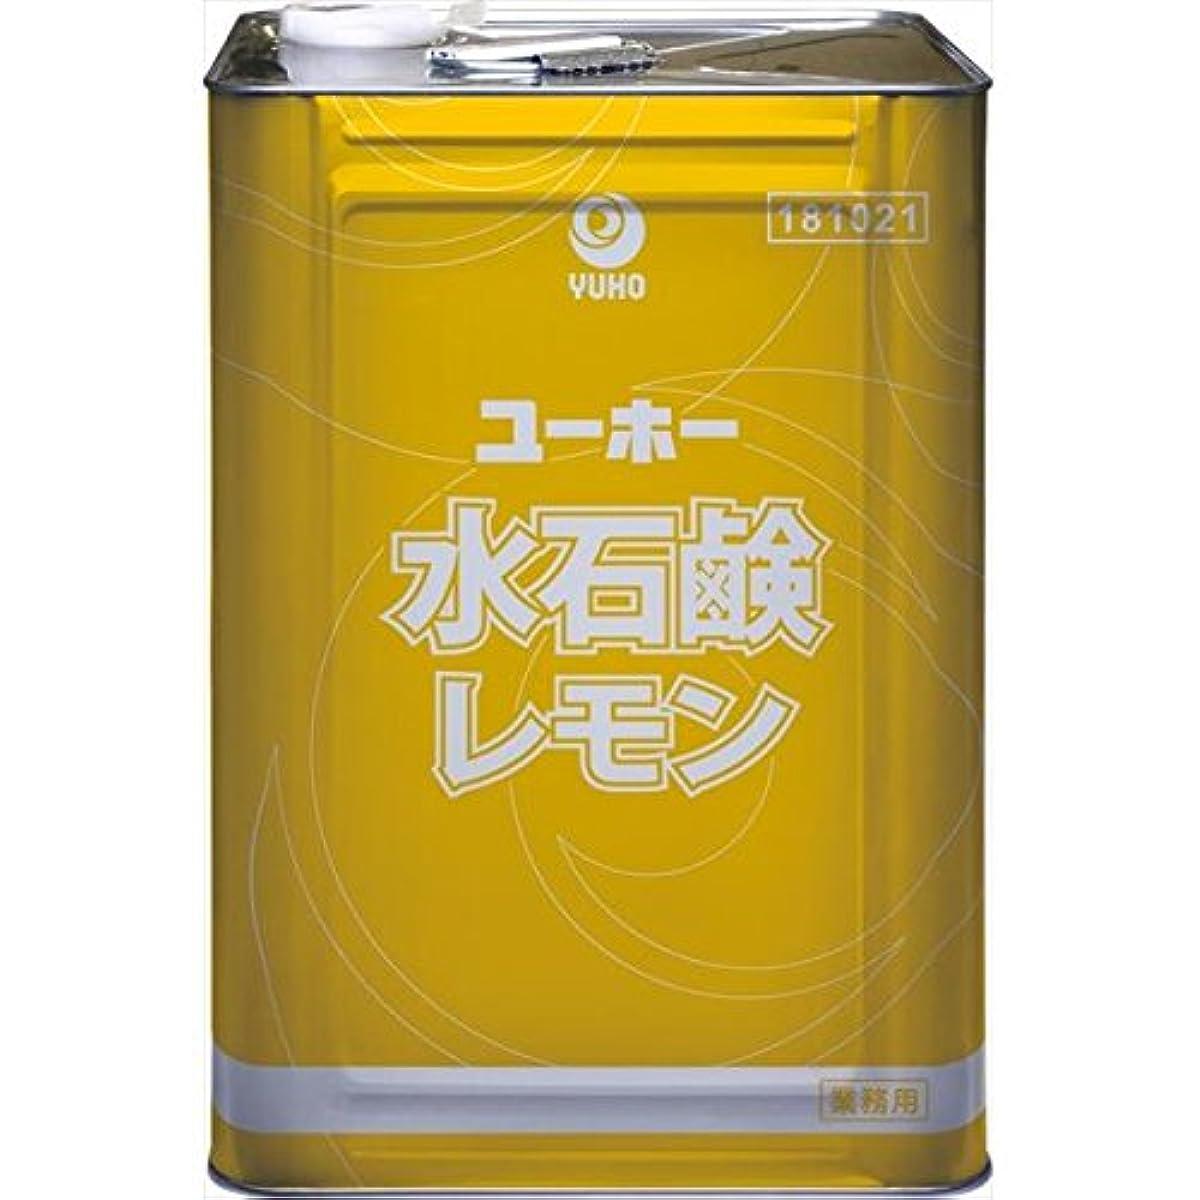 スムーズに決めます散るユーホーニイタカ:水石鹸レモン 18L 181021